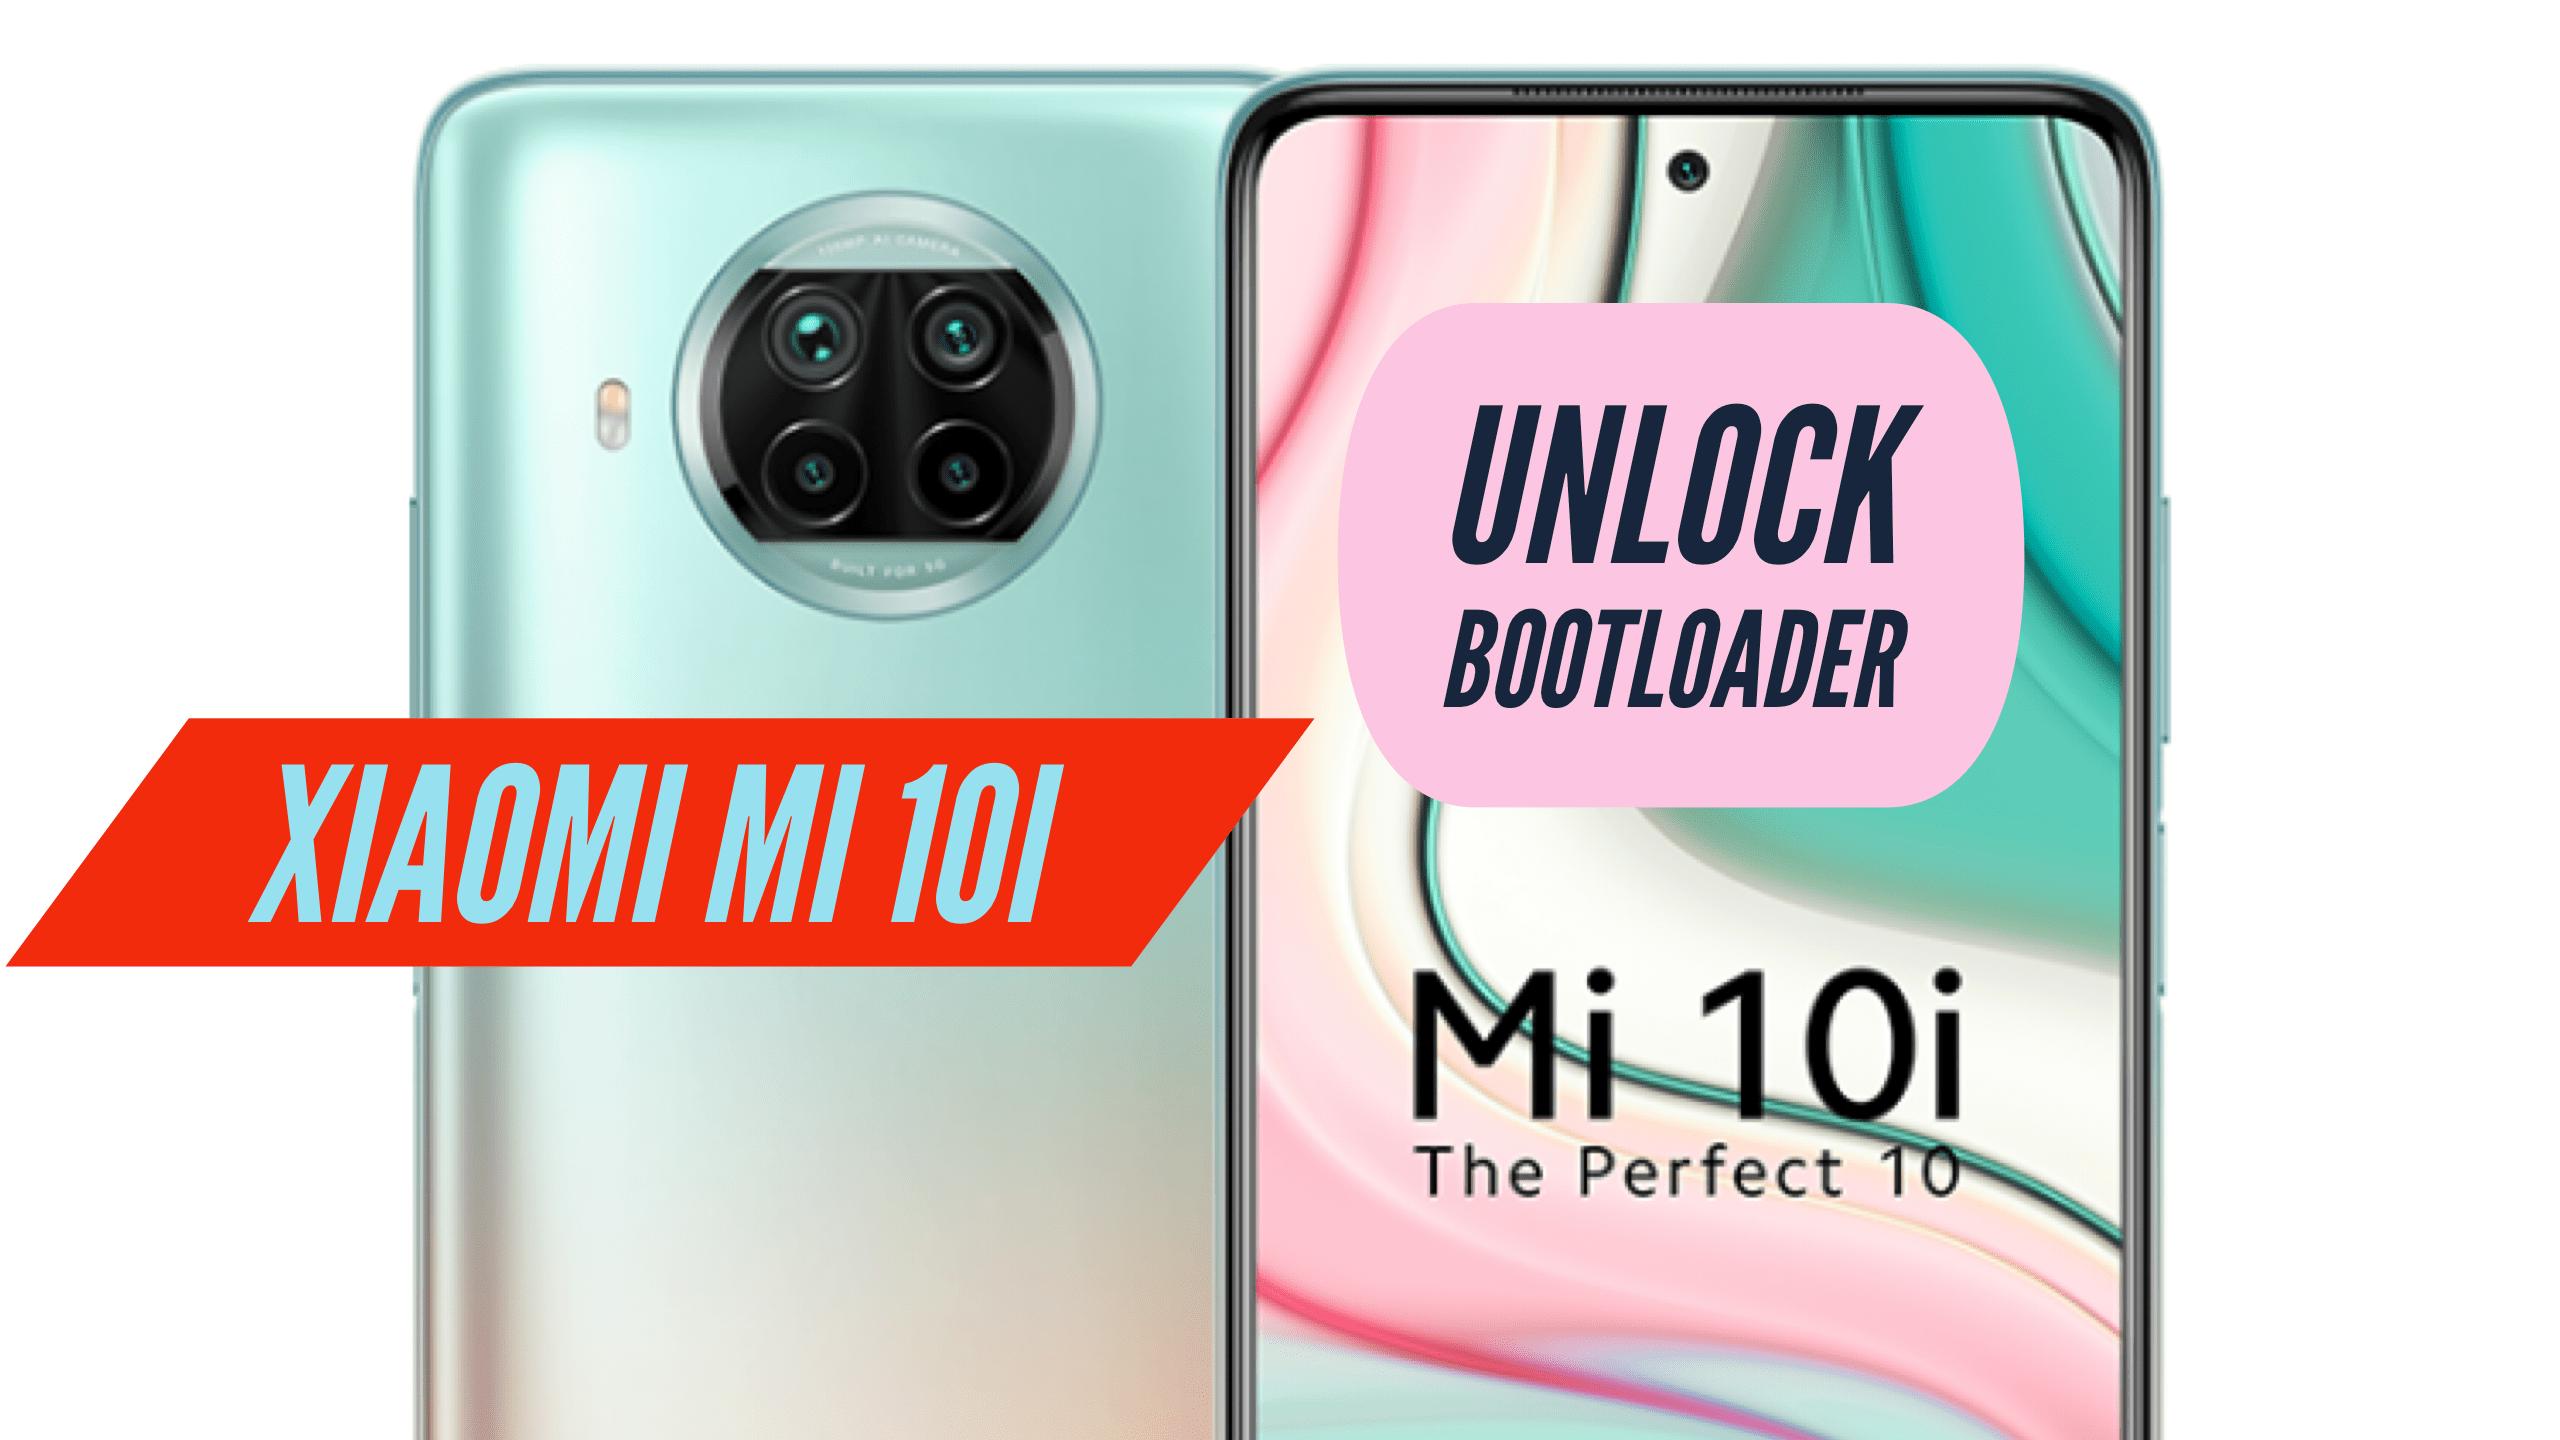 Unlock Bootloader Mi 10i